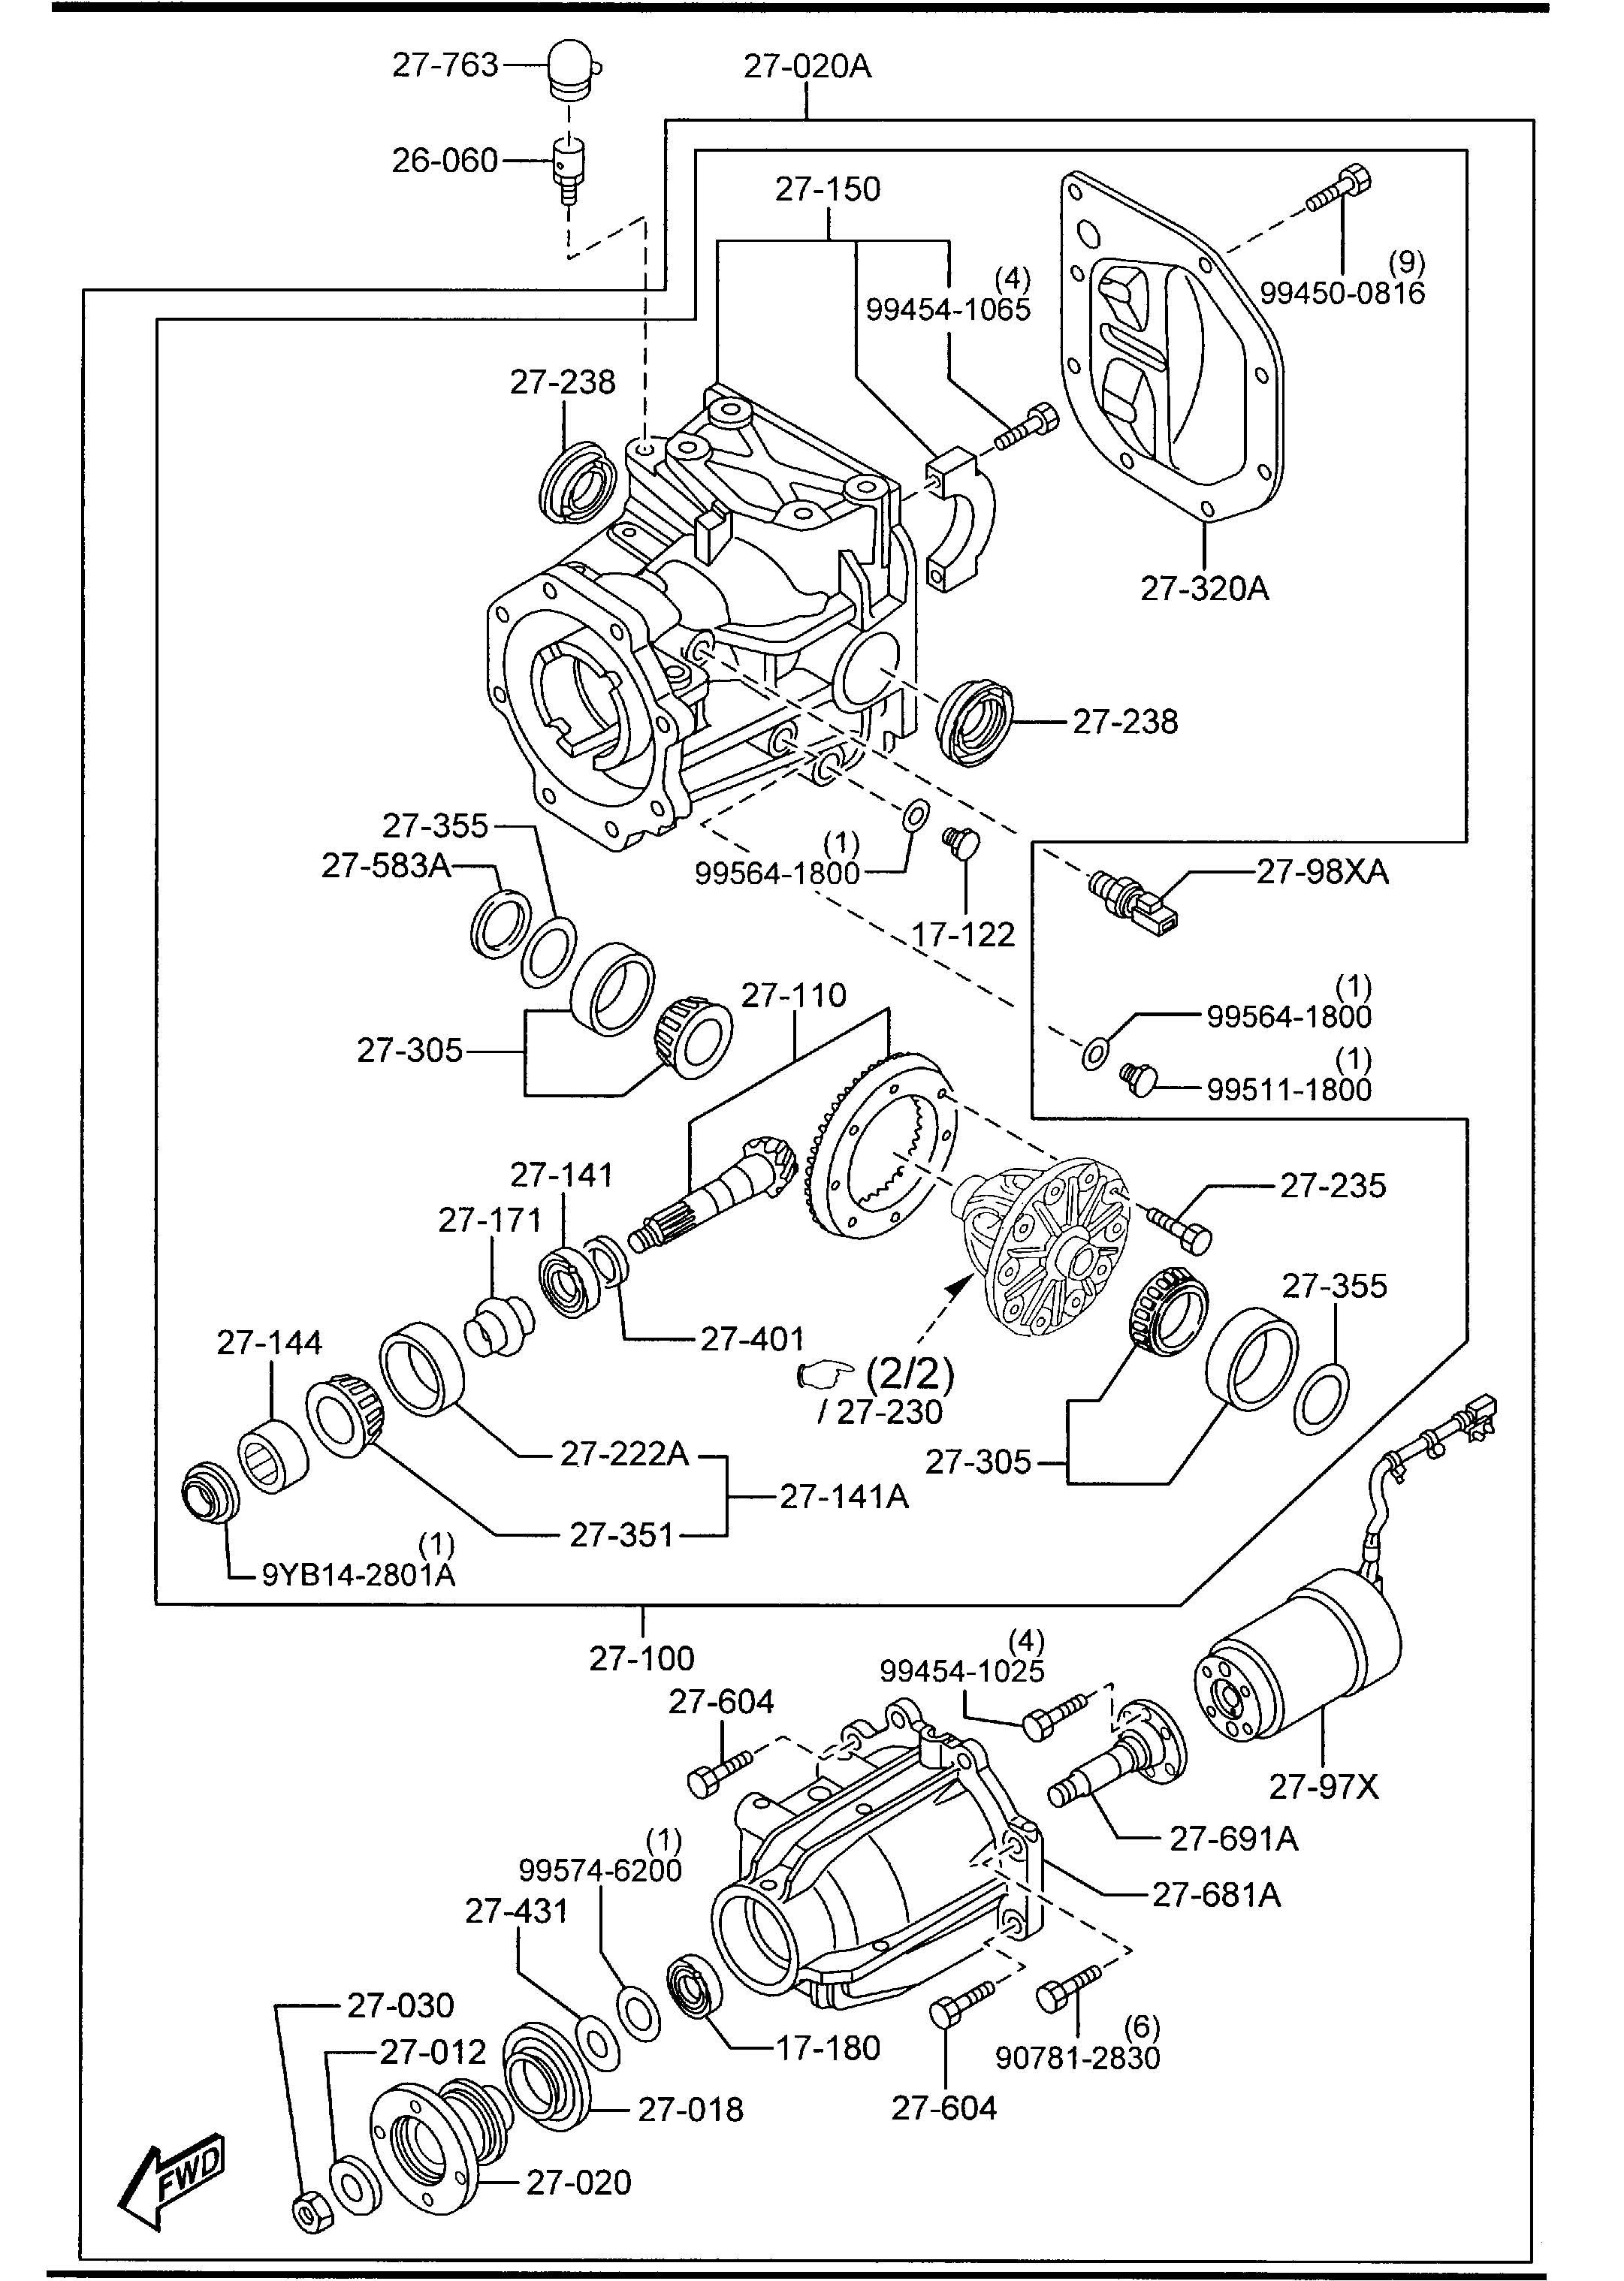 Mazda Cx 9 Parts Diagram